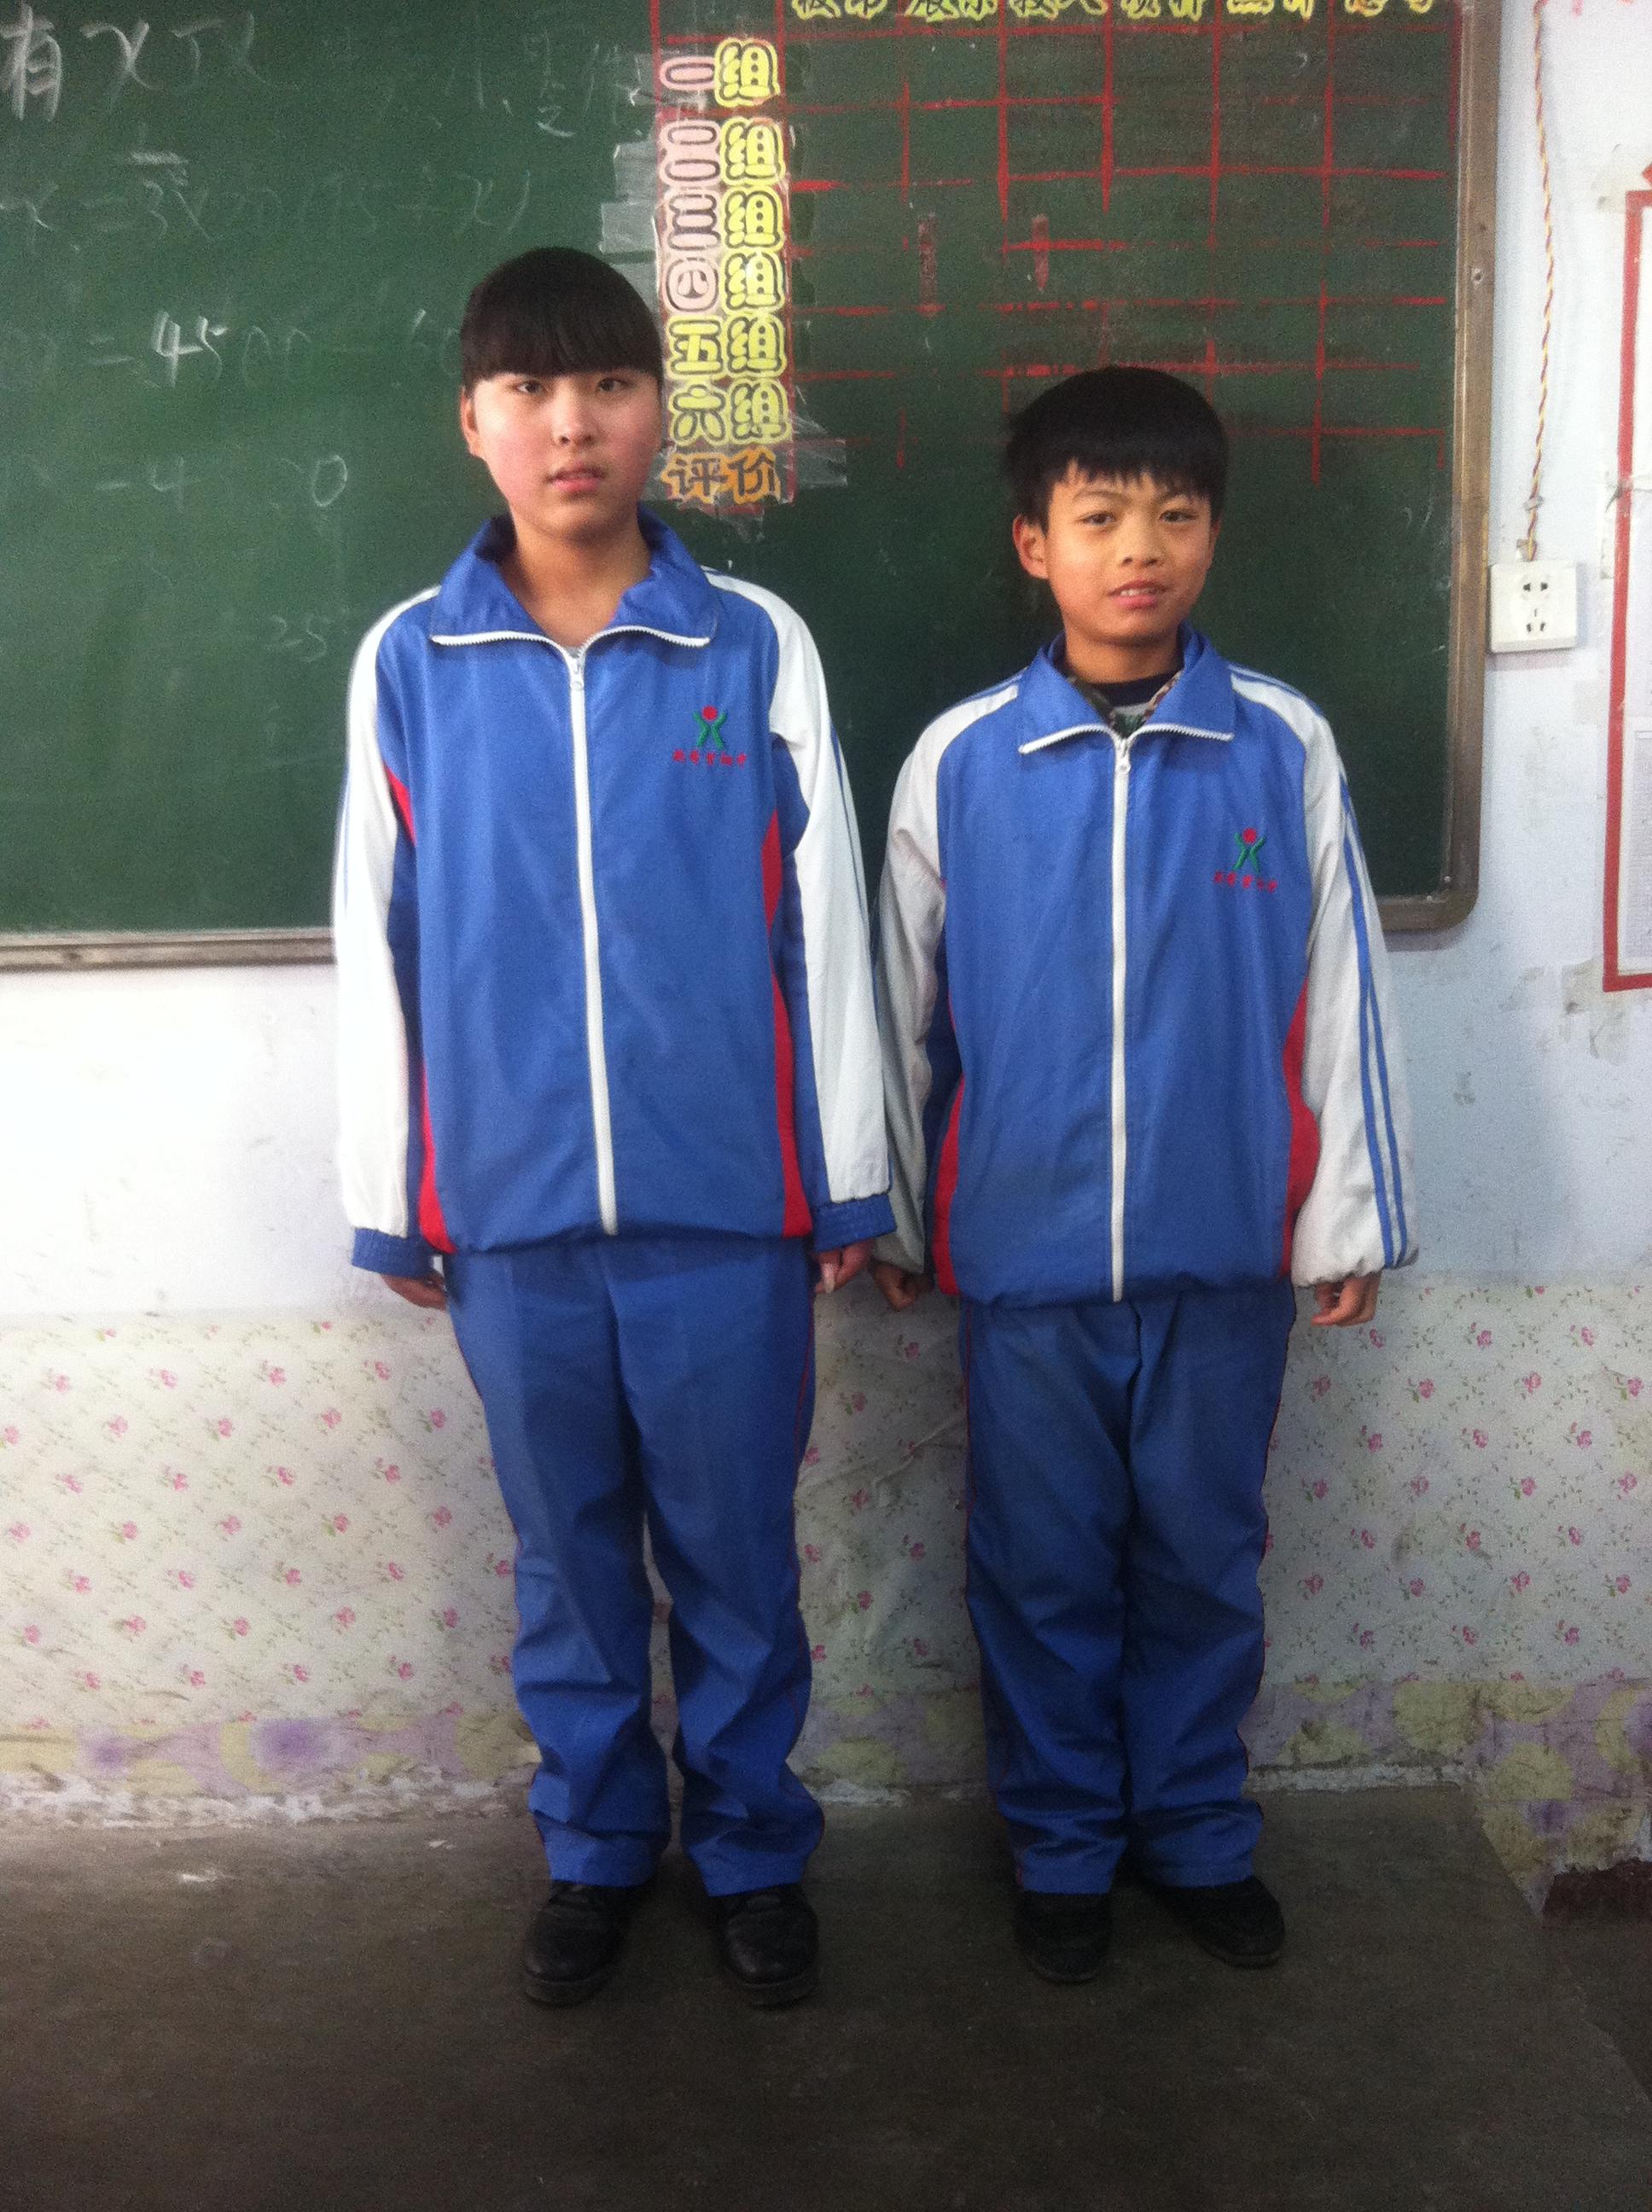 范县希望中学校服图片